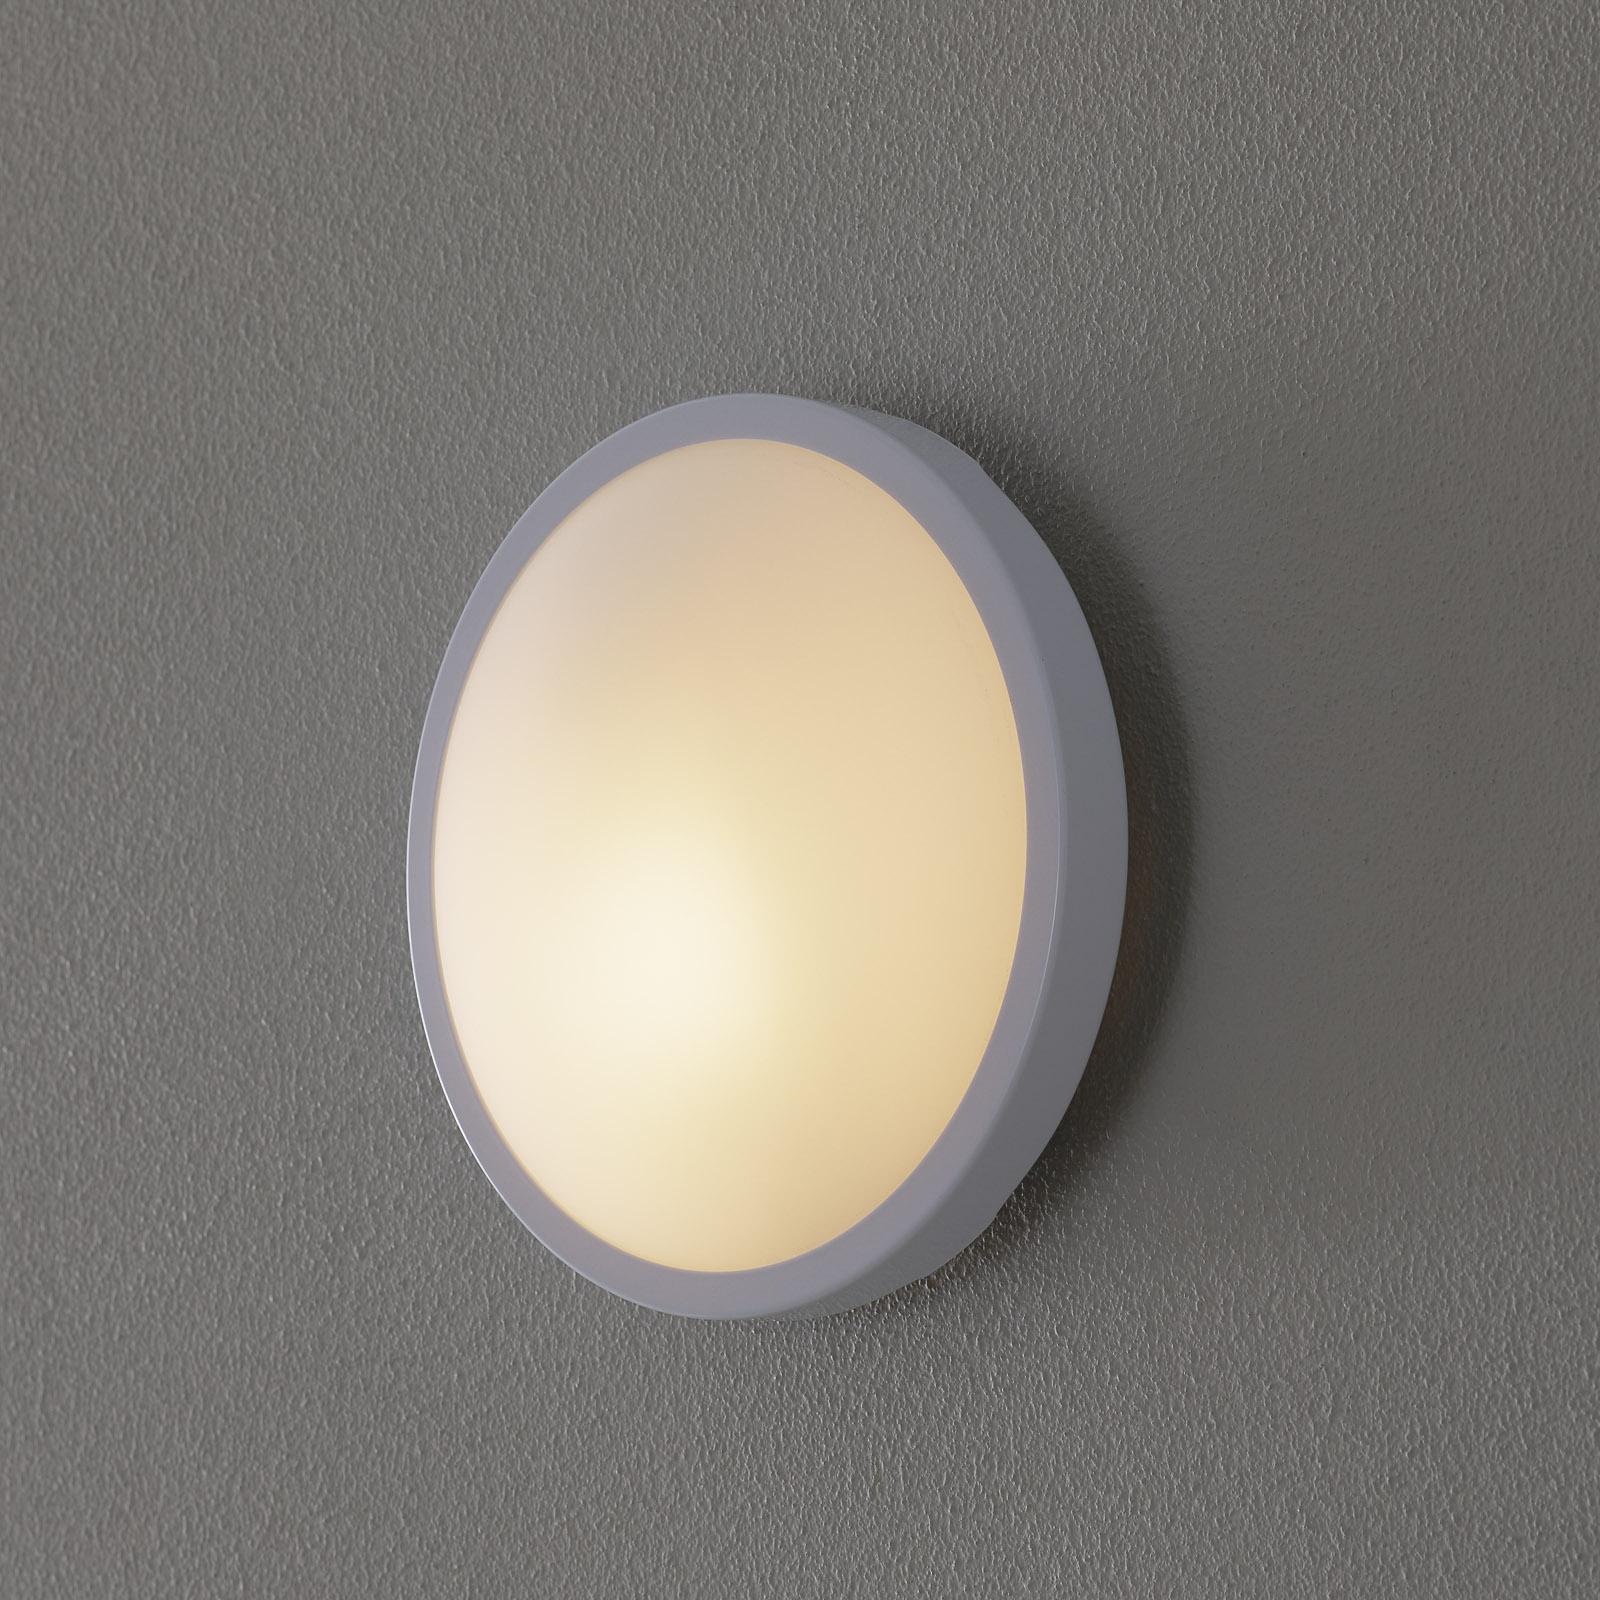 PLAZA stropné a nástenné svietidlo 21,5cm_3501687_1